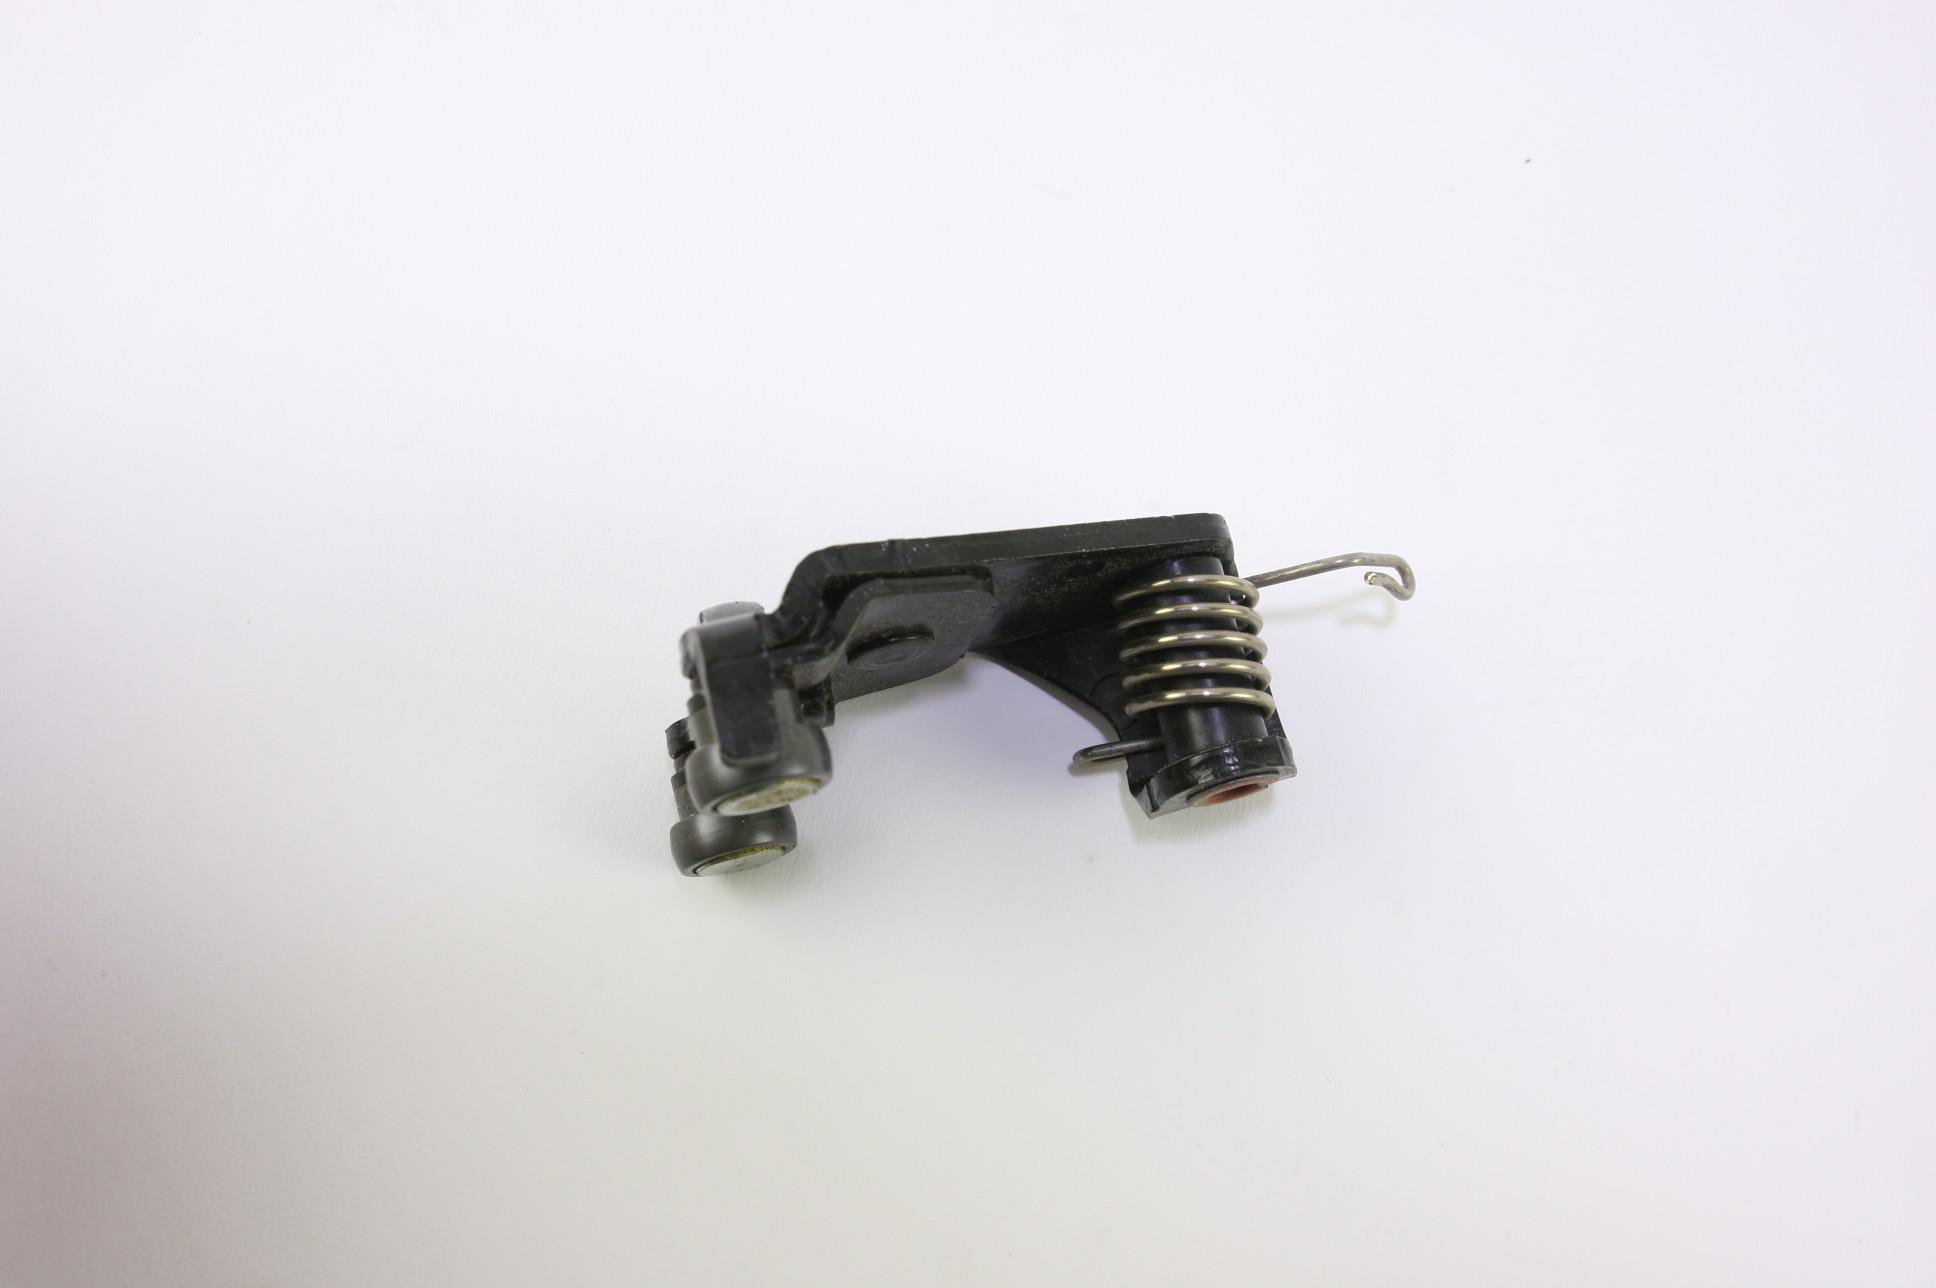 ** New OEM 9T1Z9926801A Ford 10-13 Transit Connect Side Sliding Door Roller Left - image 3